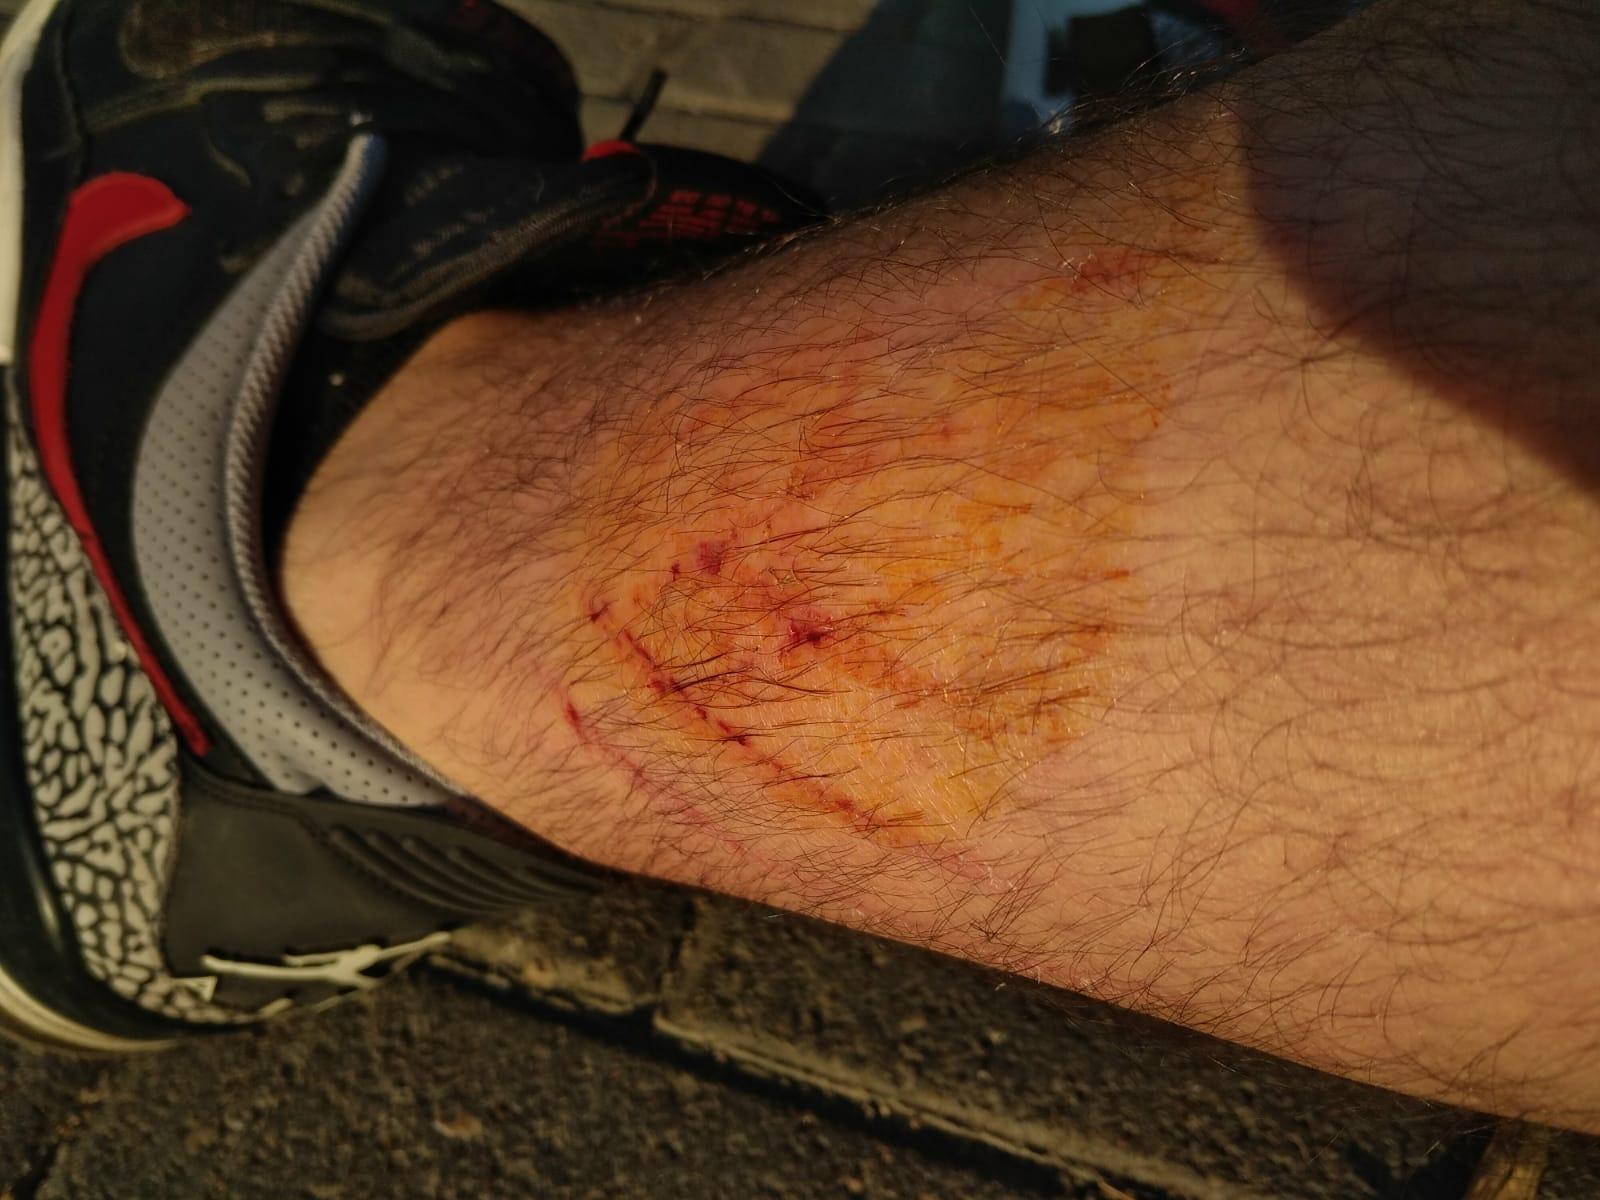 Una de les ferides del vigilant del metro agredit per un passatger a l'estació de Paral·lel / SPS